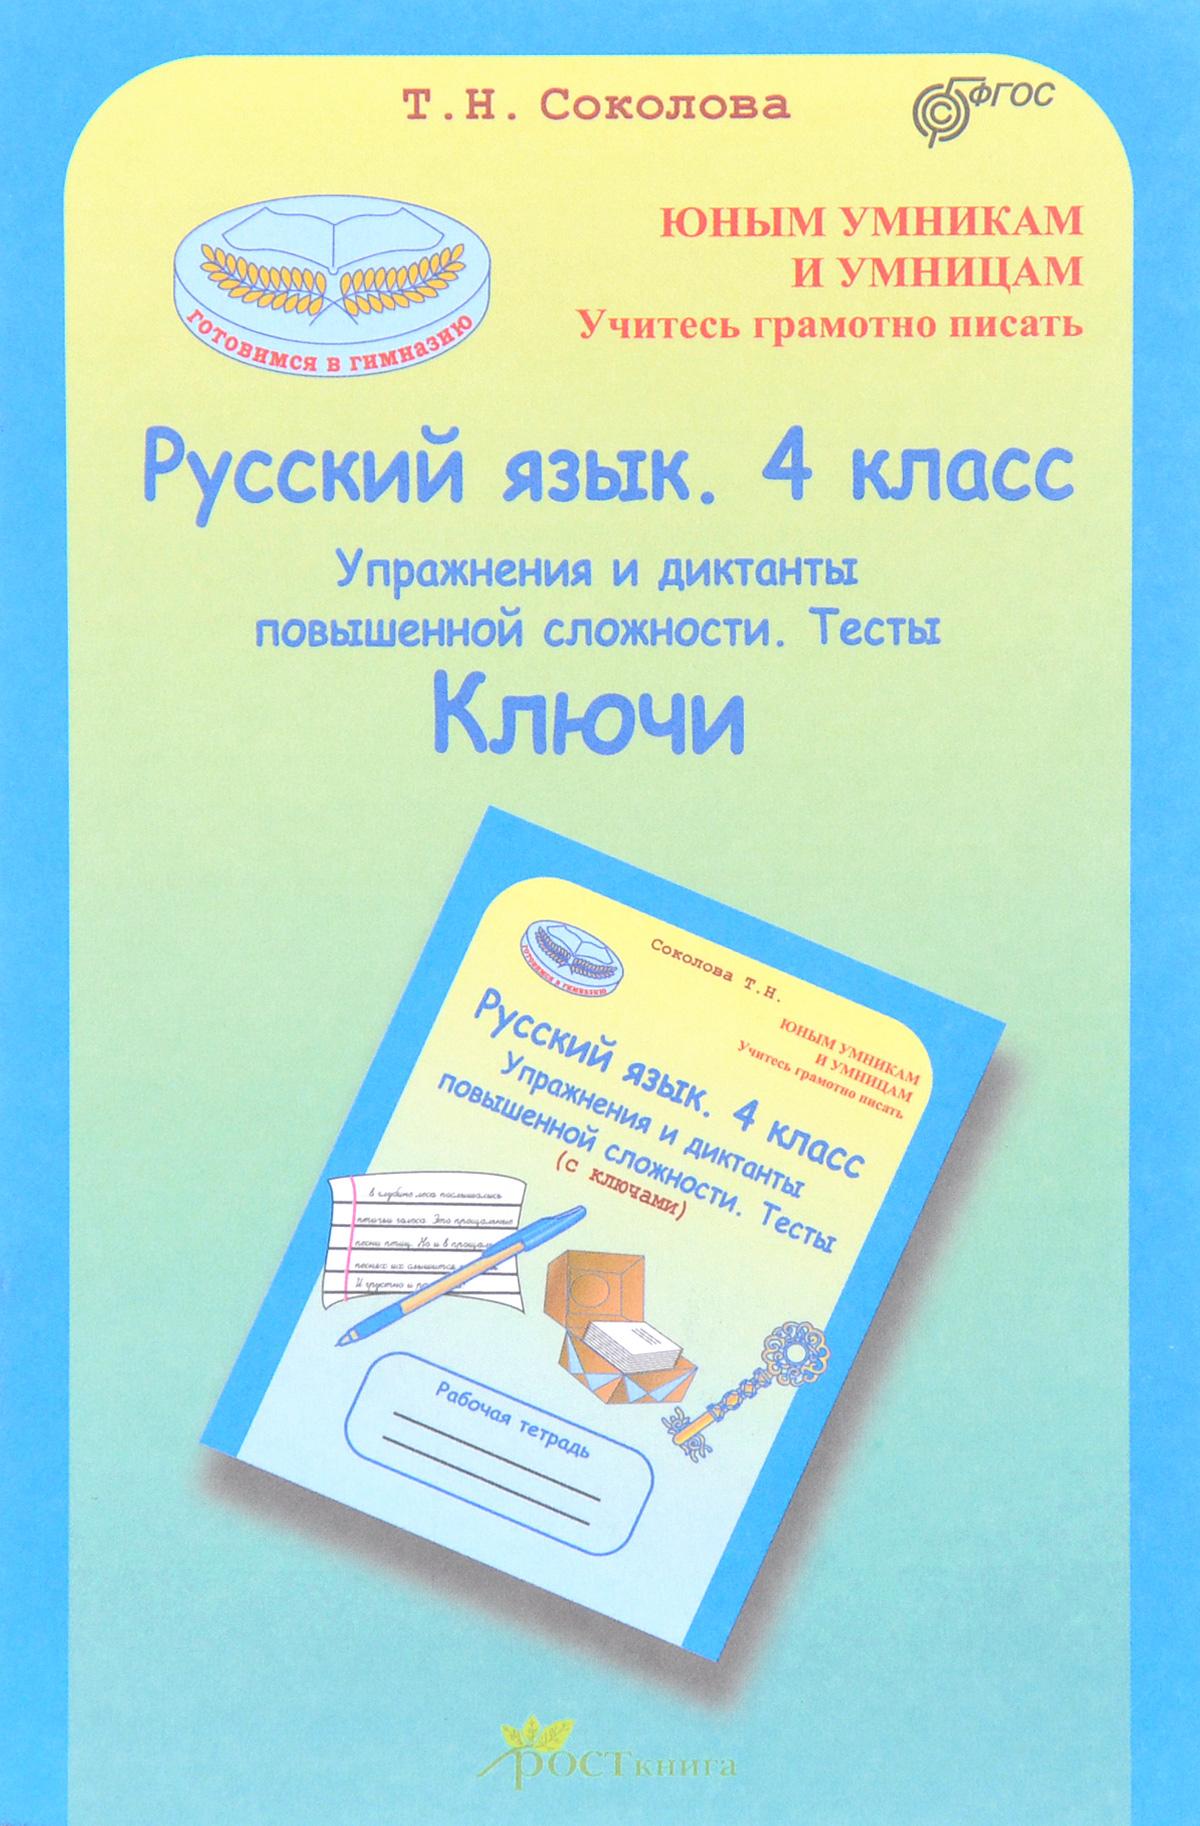 Русский язык. 4 класс. Упражнения и диктанты повышенной сложности. Тесты. Ключи